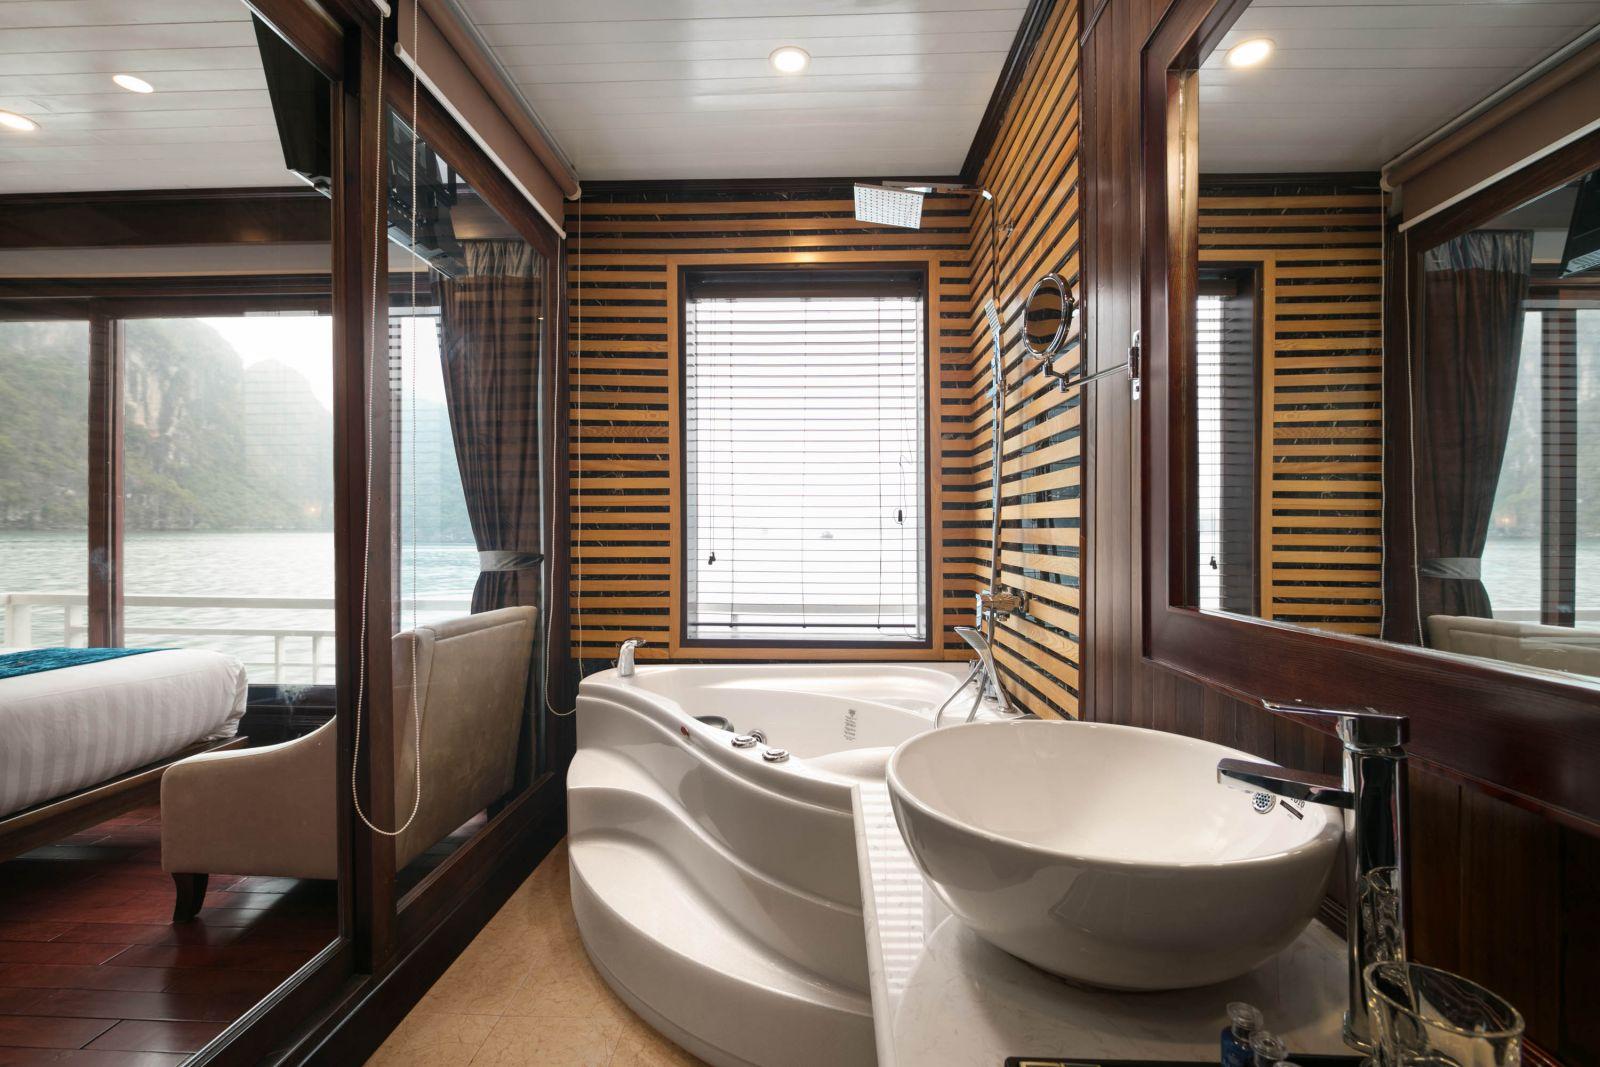 Luxury Bathroom on Alisa Cruise